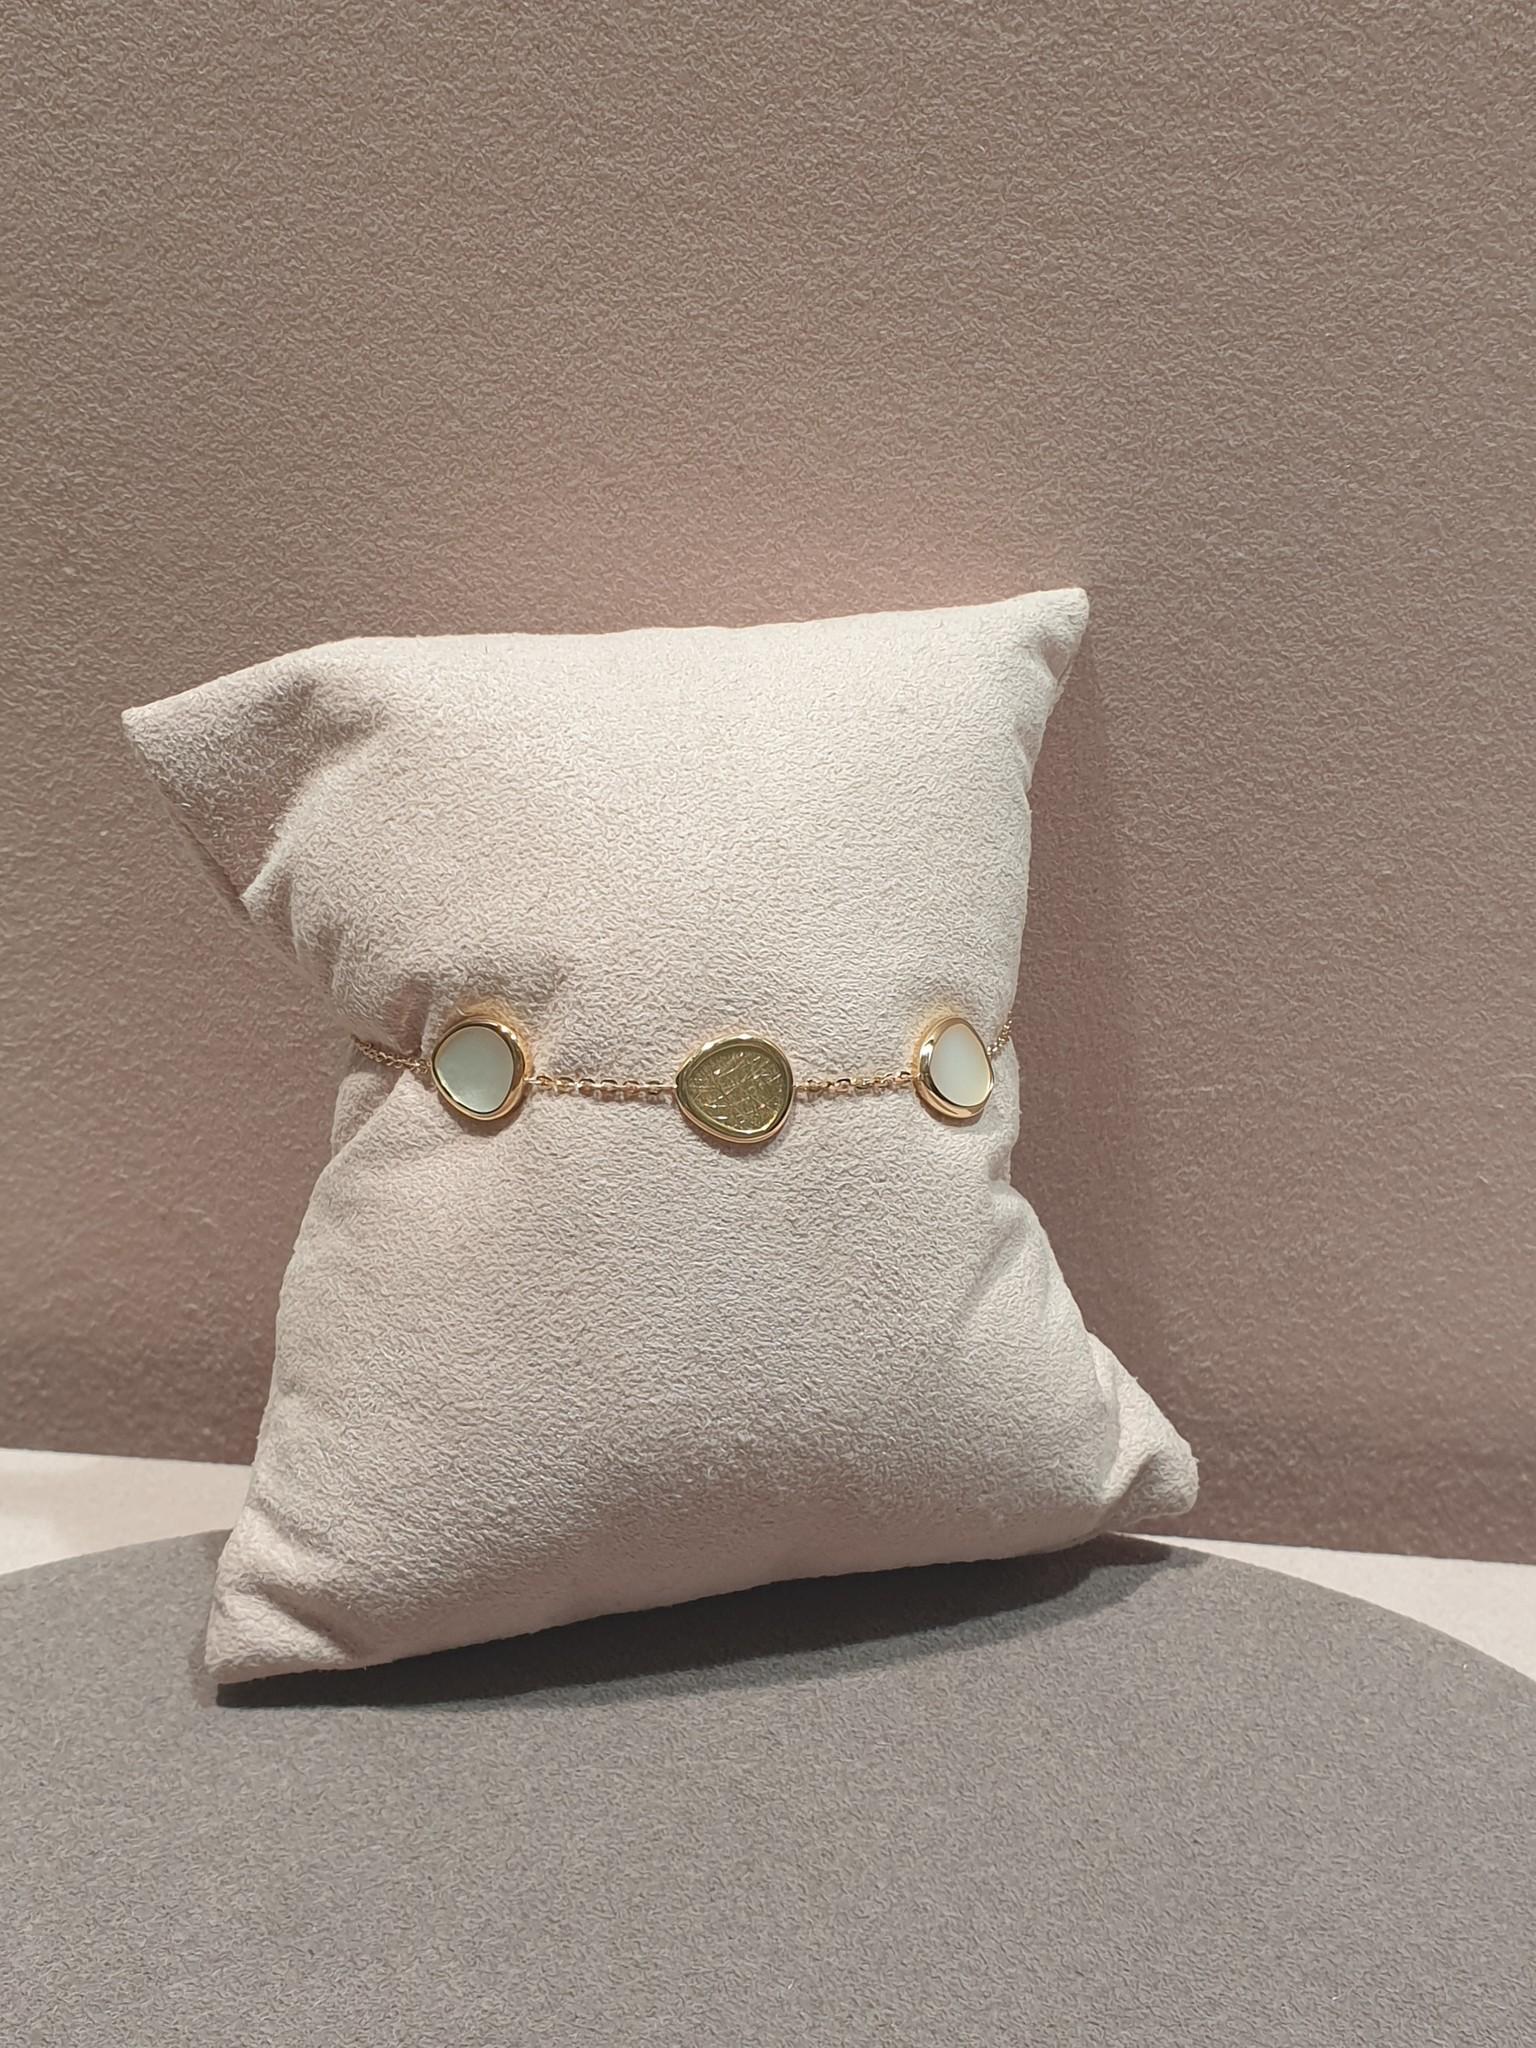 Femme A Dorée Femme A Dorée armband 18 kt